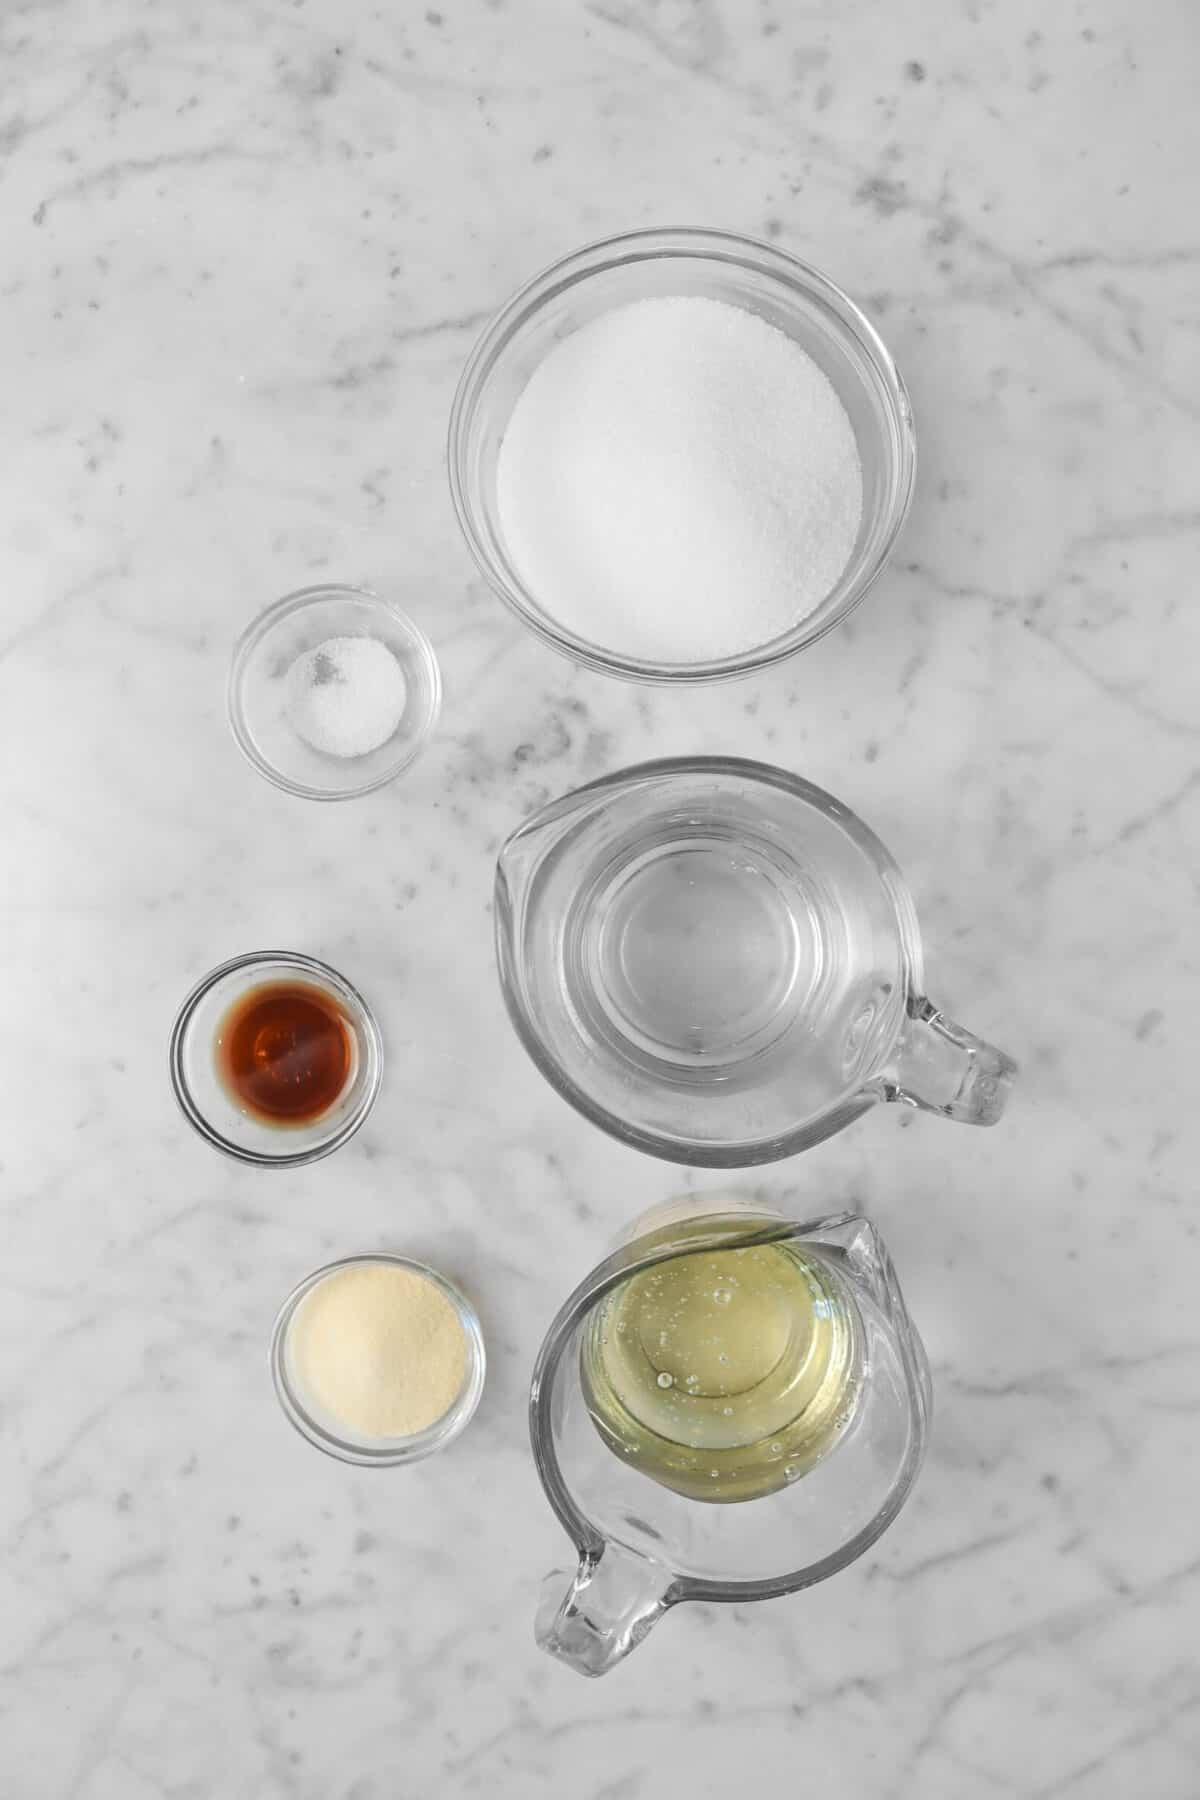 sugar, water, corn syrup, salt, vanilla, gelatin in bowls